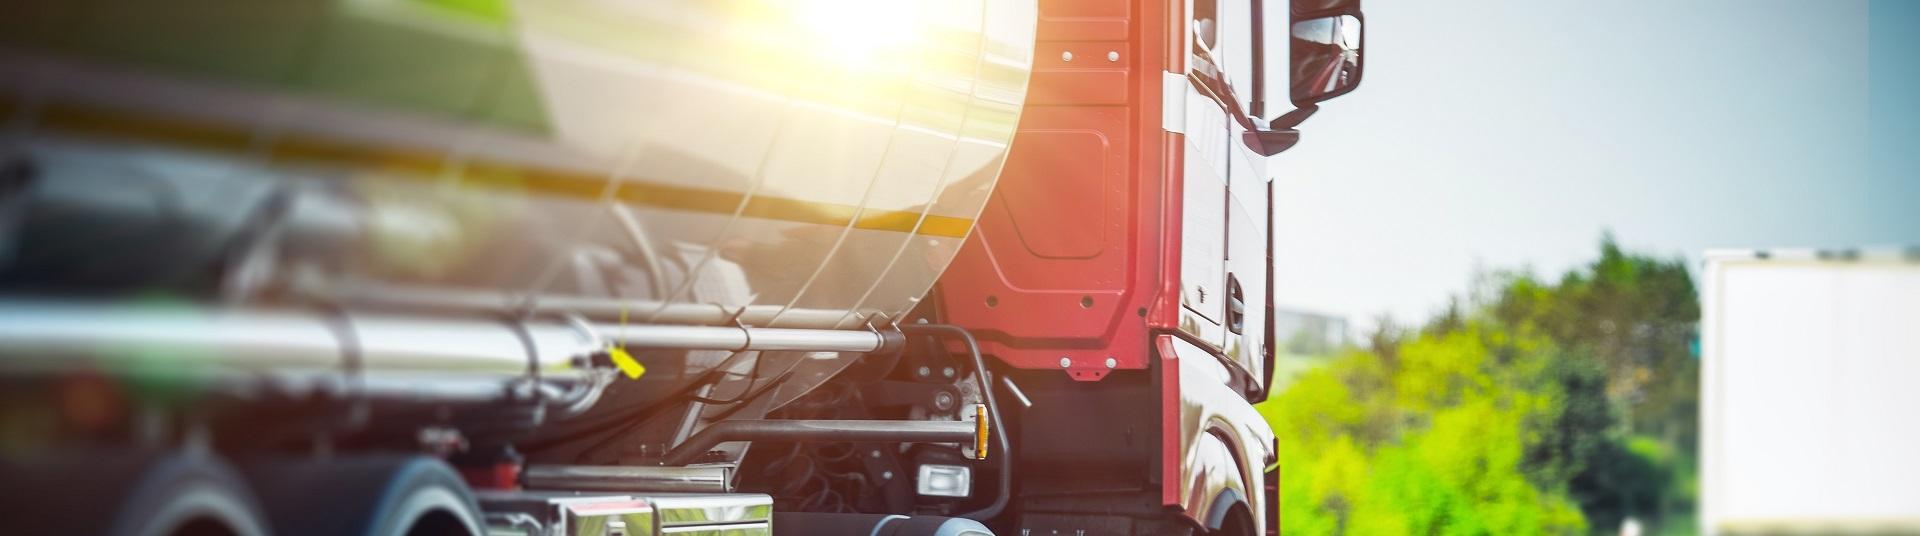 poids-lourd transport marchandise transporteurs SDEI